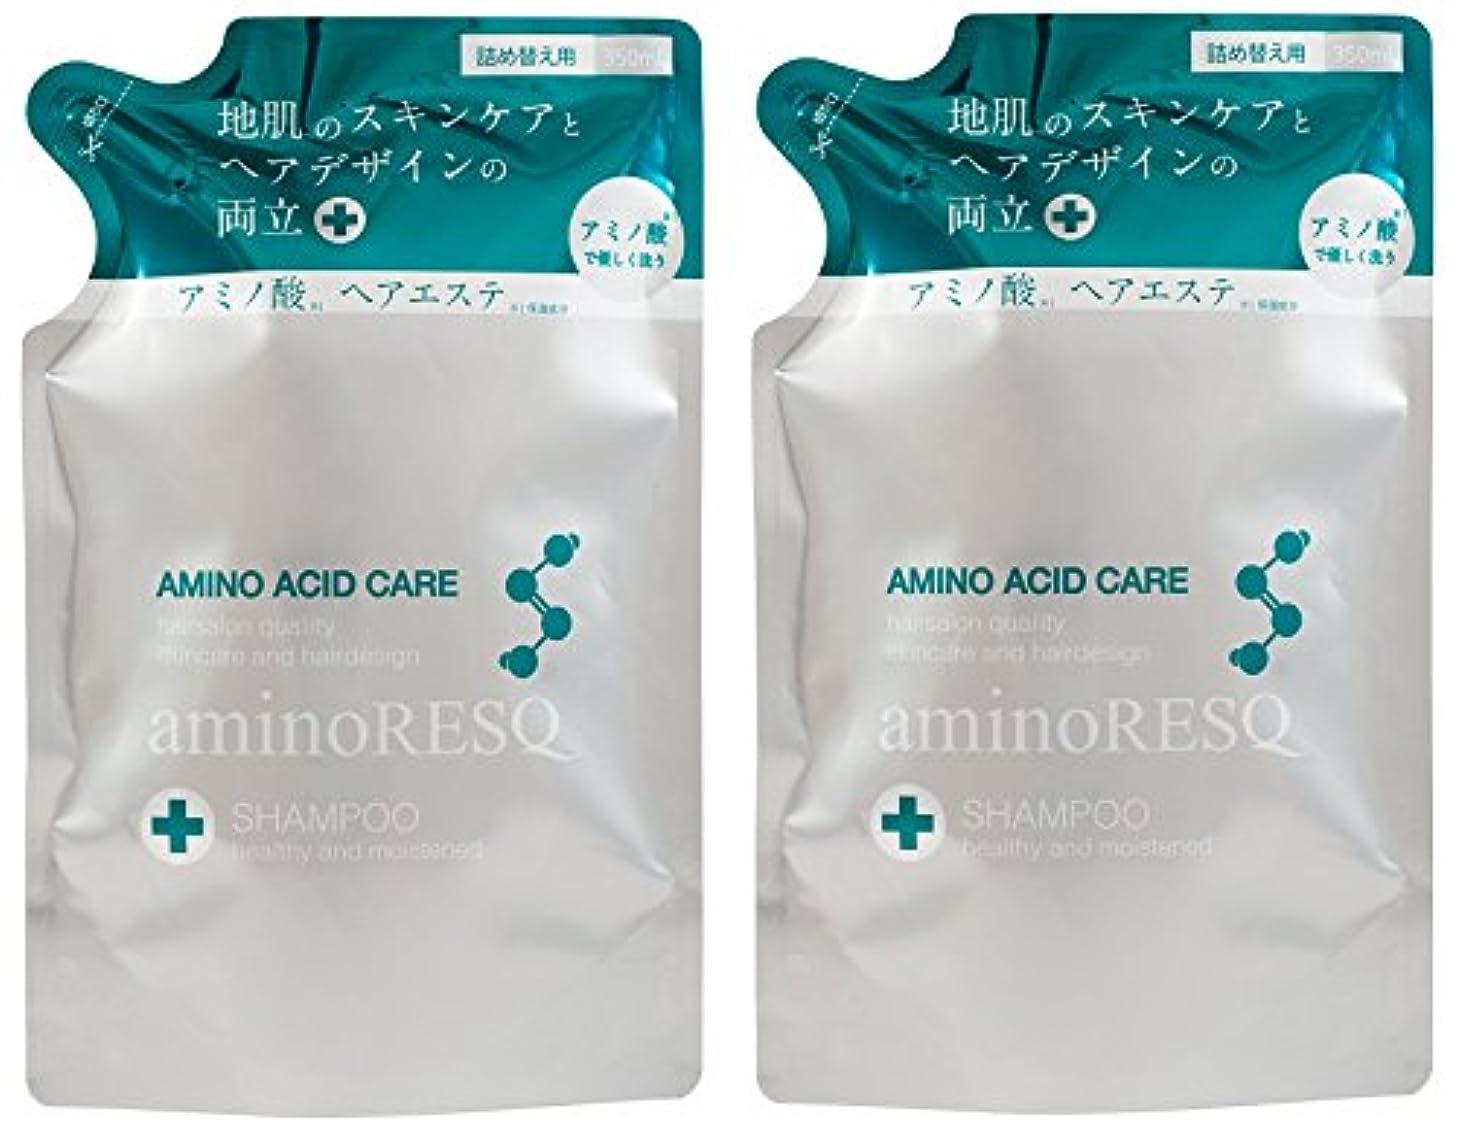 修正するマナー怪物【2個セット】aminoRESQ アミノレスキュー シャンプー詰替